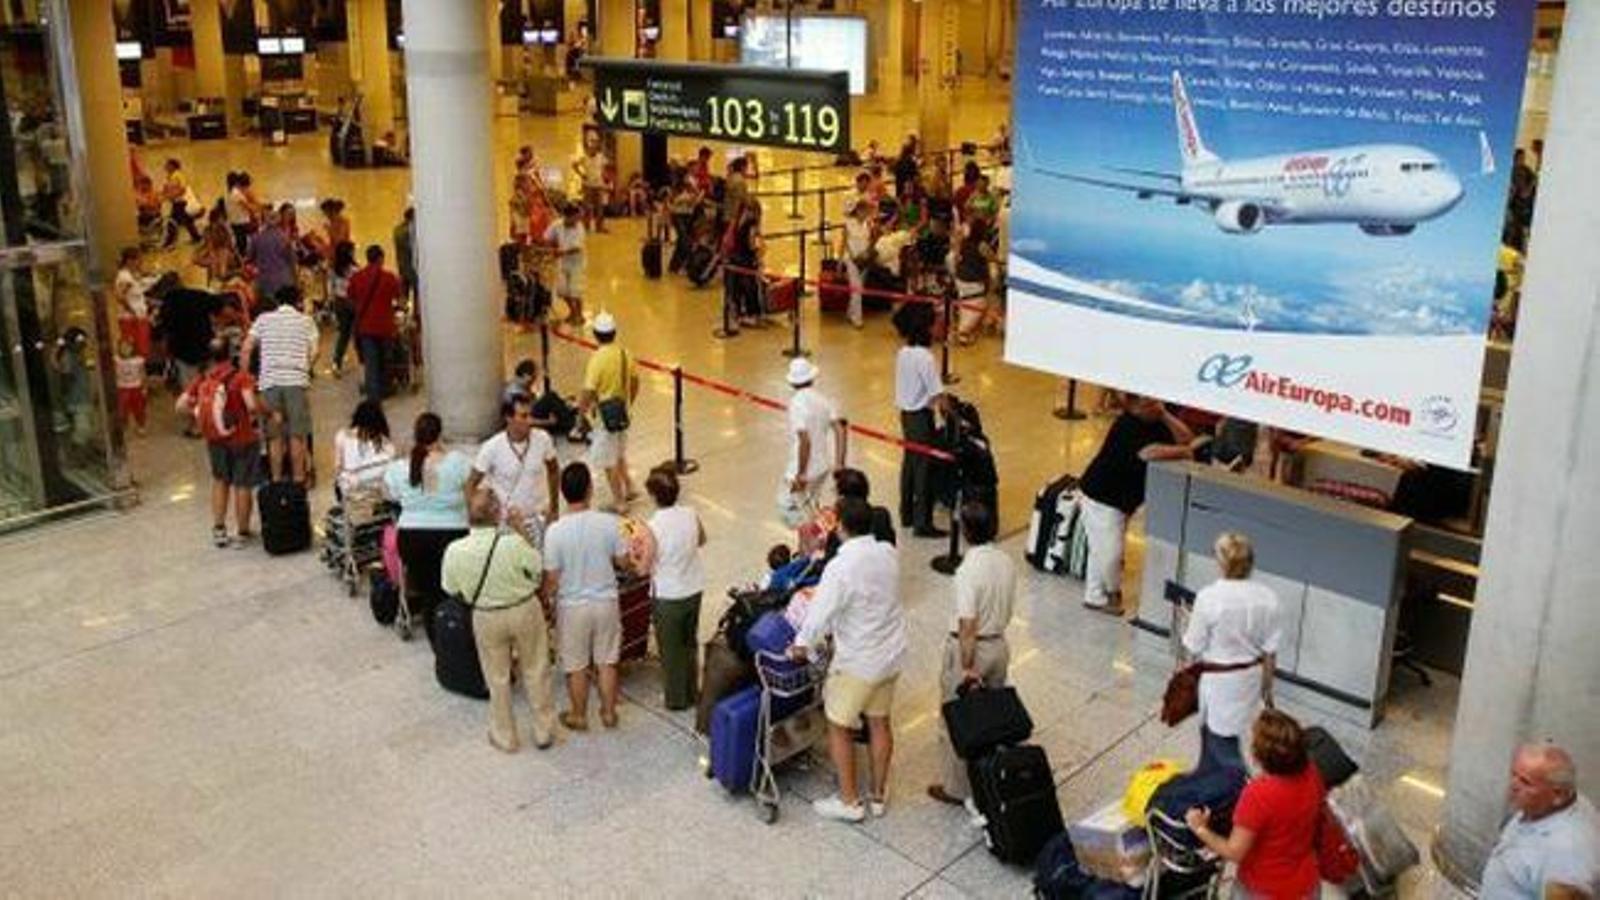 L'aeroport de Palma registre un 7,7% més de passatgers en els primers cinc mesos de l'any